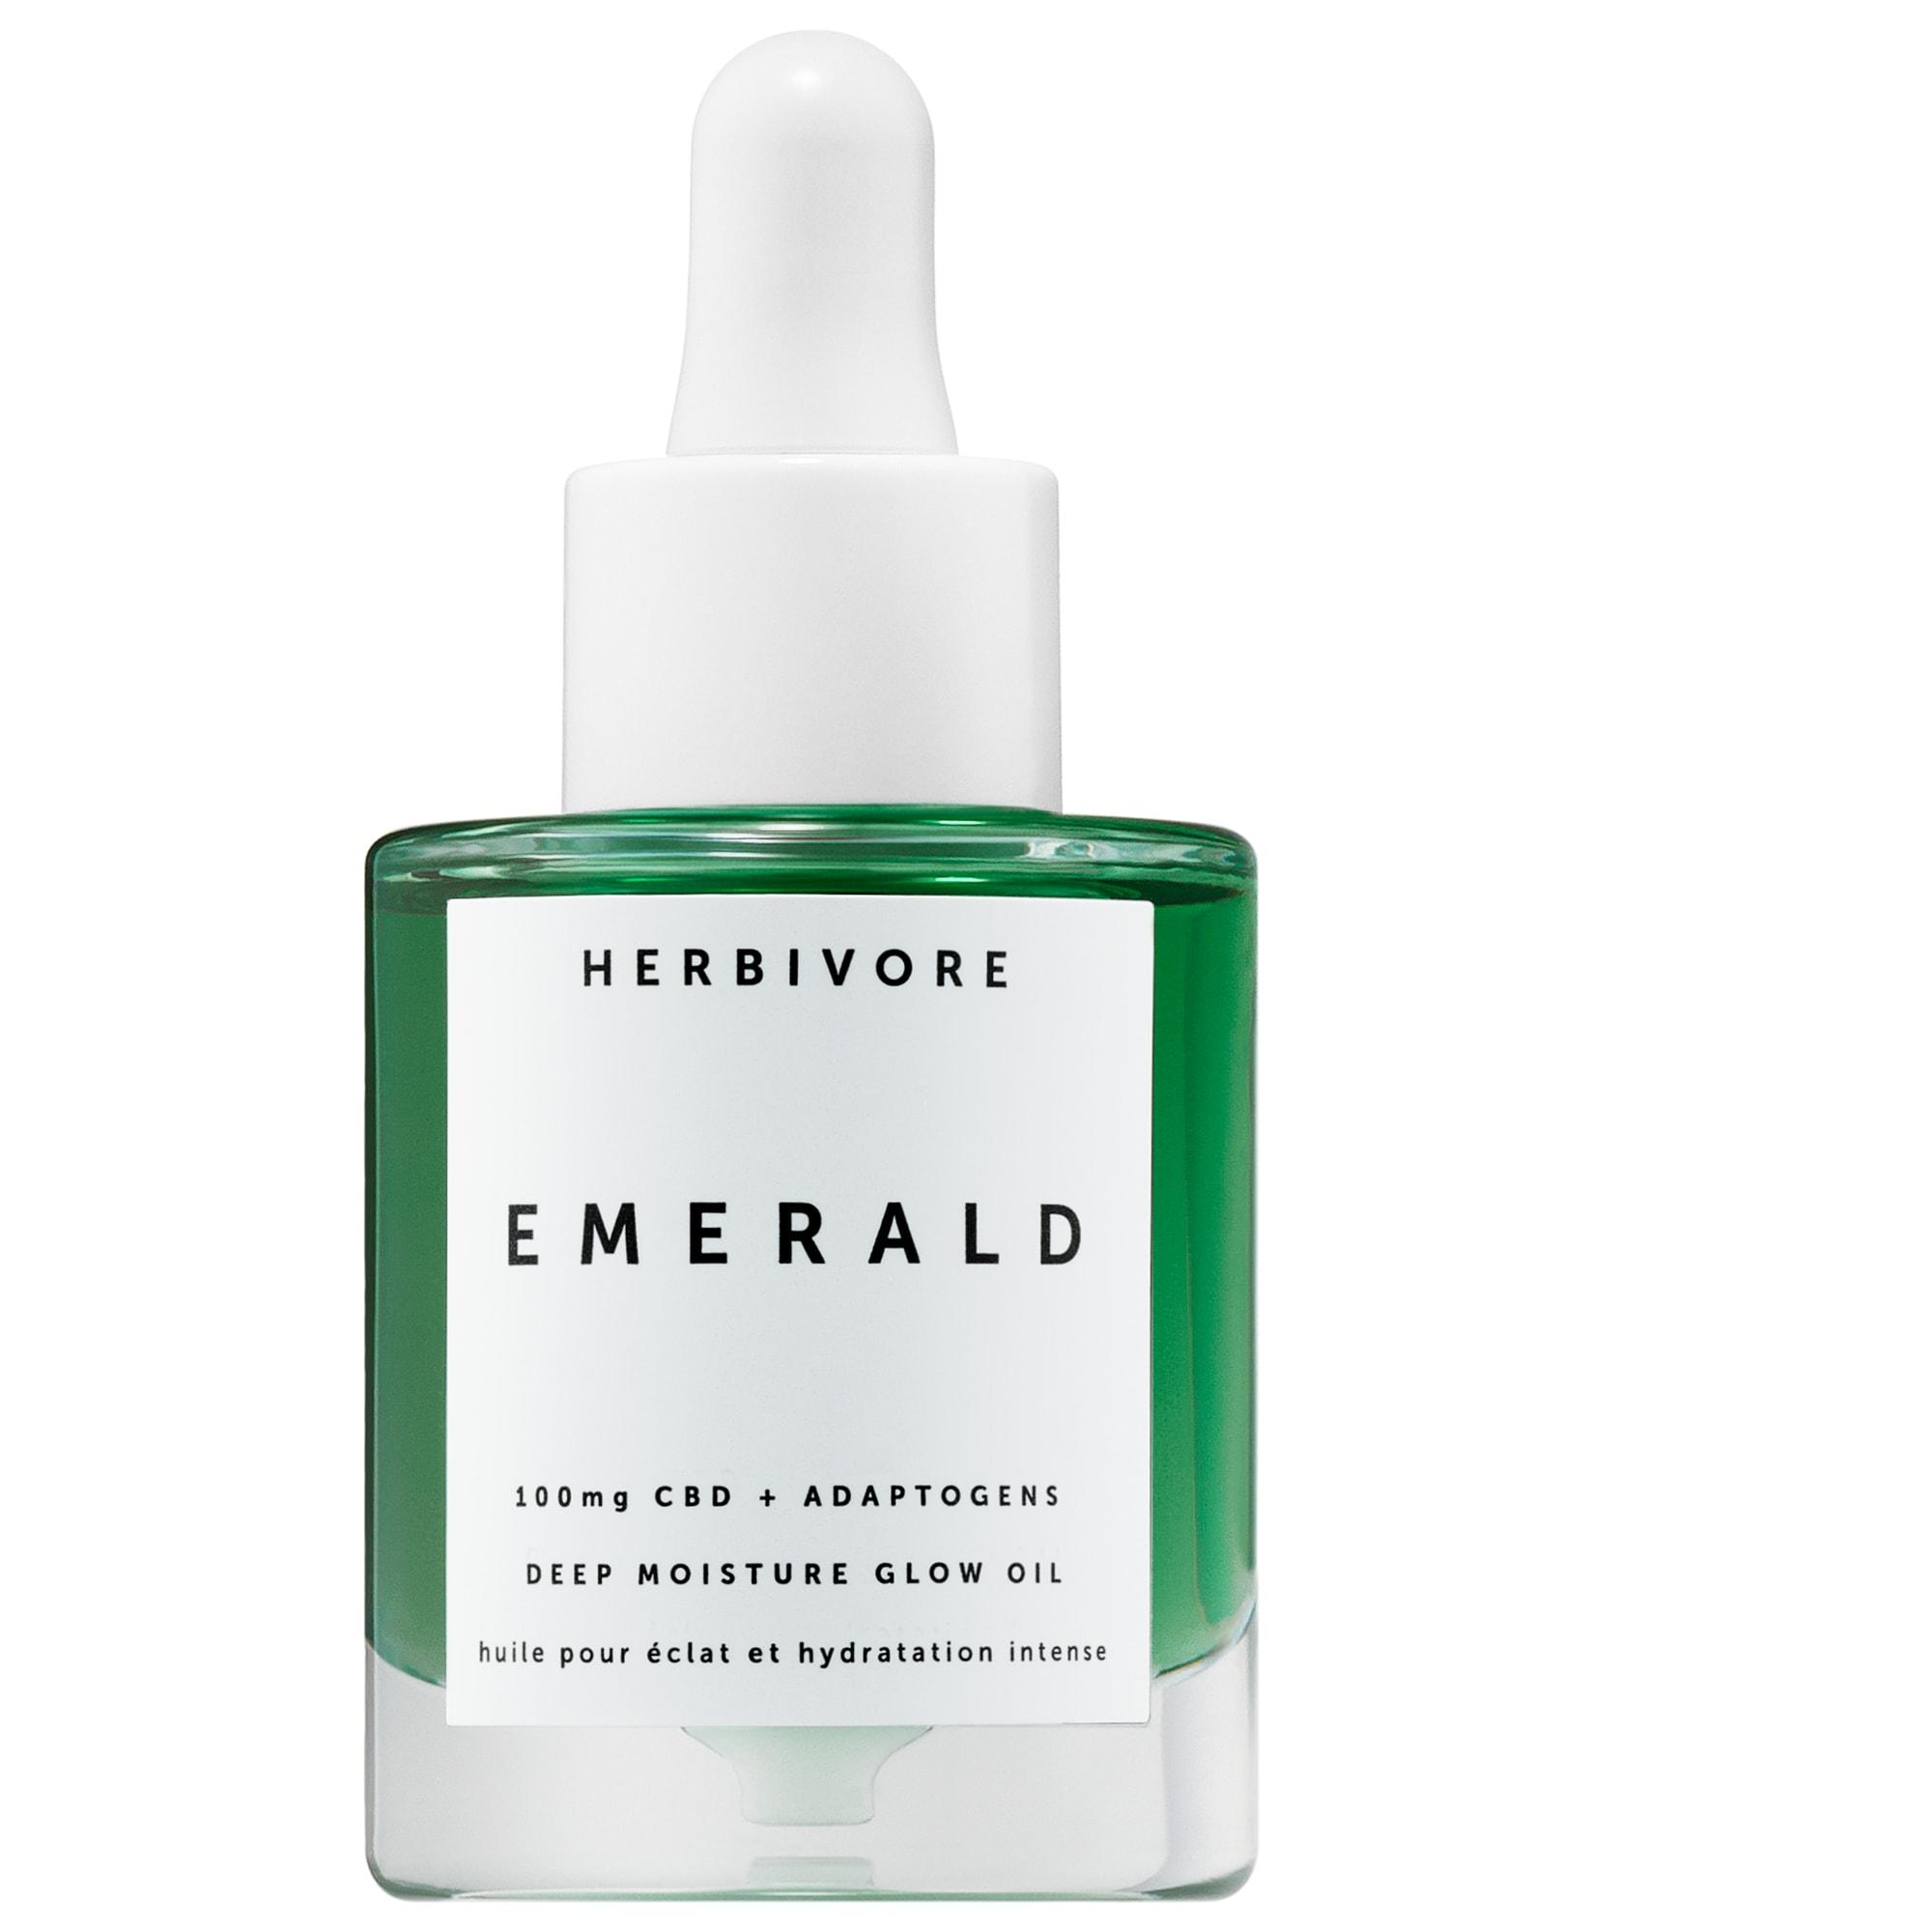 Herbivore - Emerald CBD + Adaptogens Deep Moisture Glow Oil